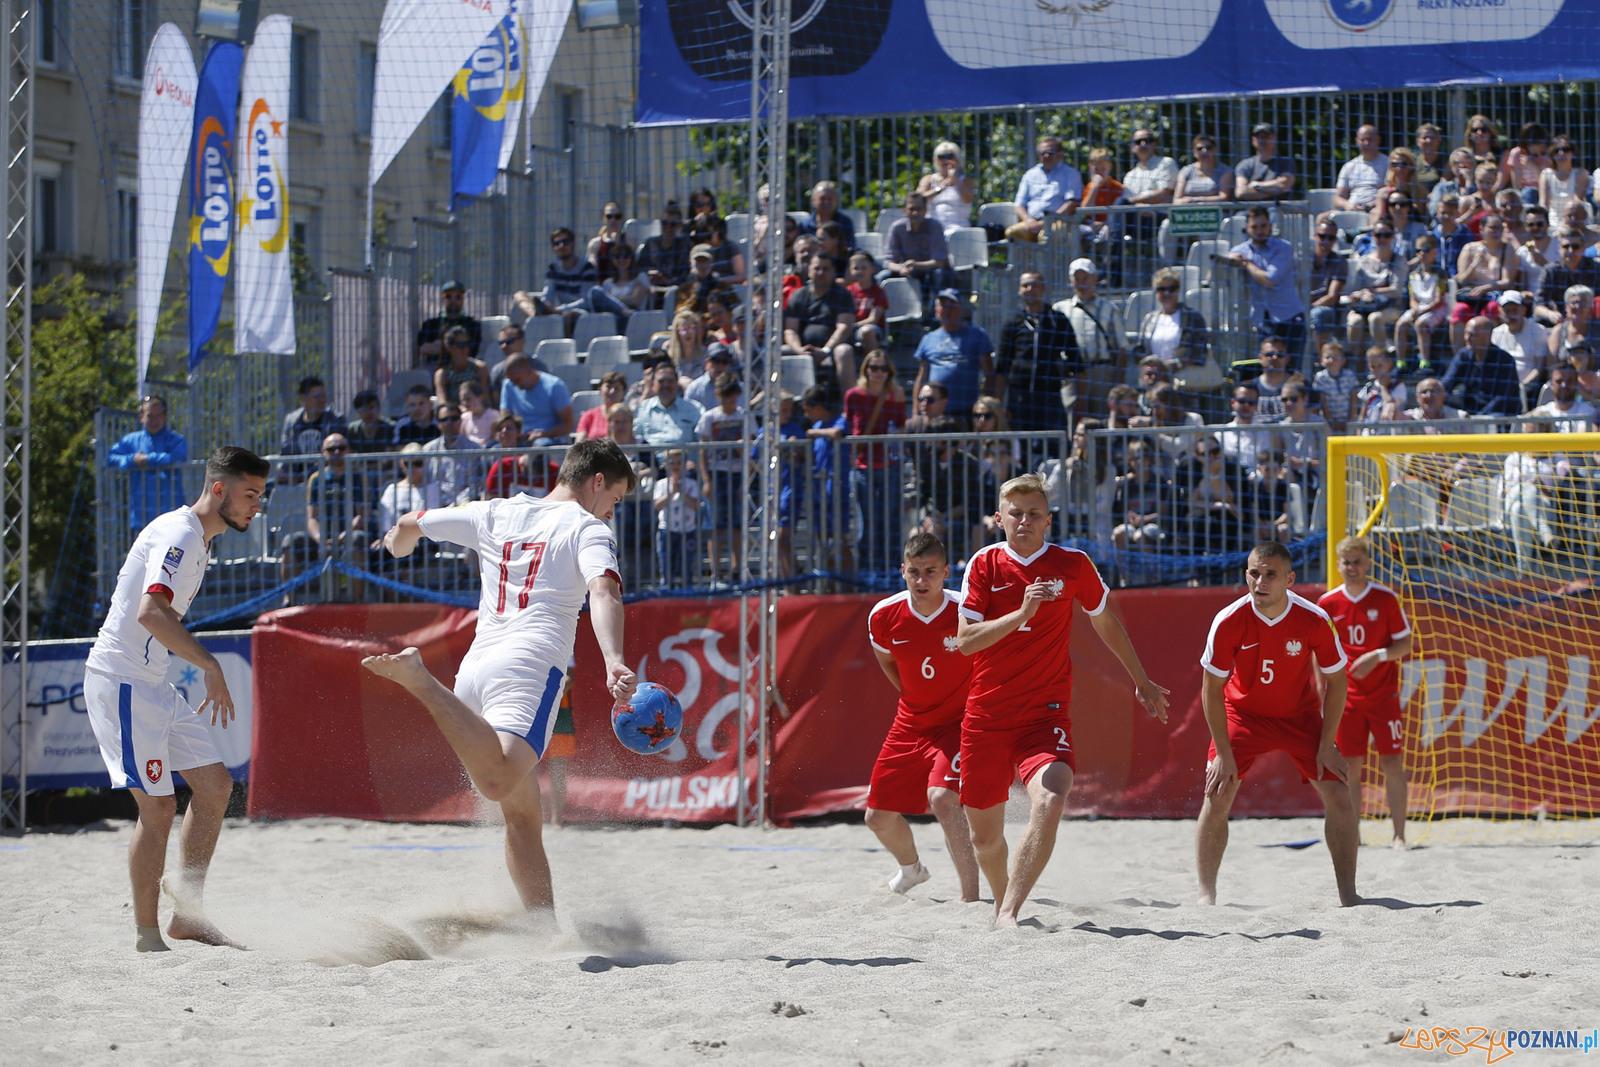 Plaża Wolności - piłka nożna plażowa  Foto: Jakub Piasecki / materiały prasowe